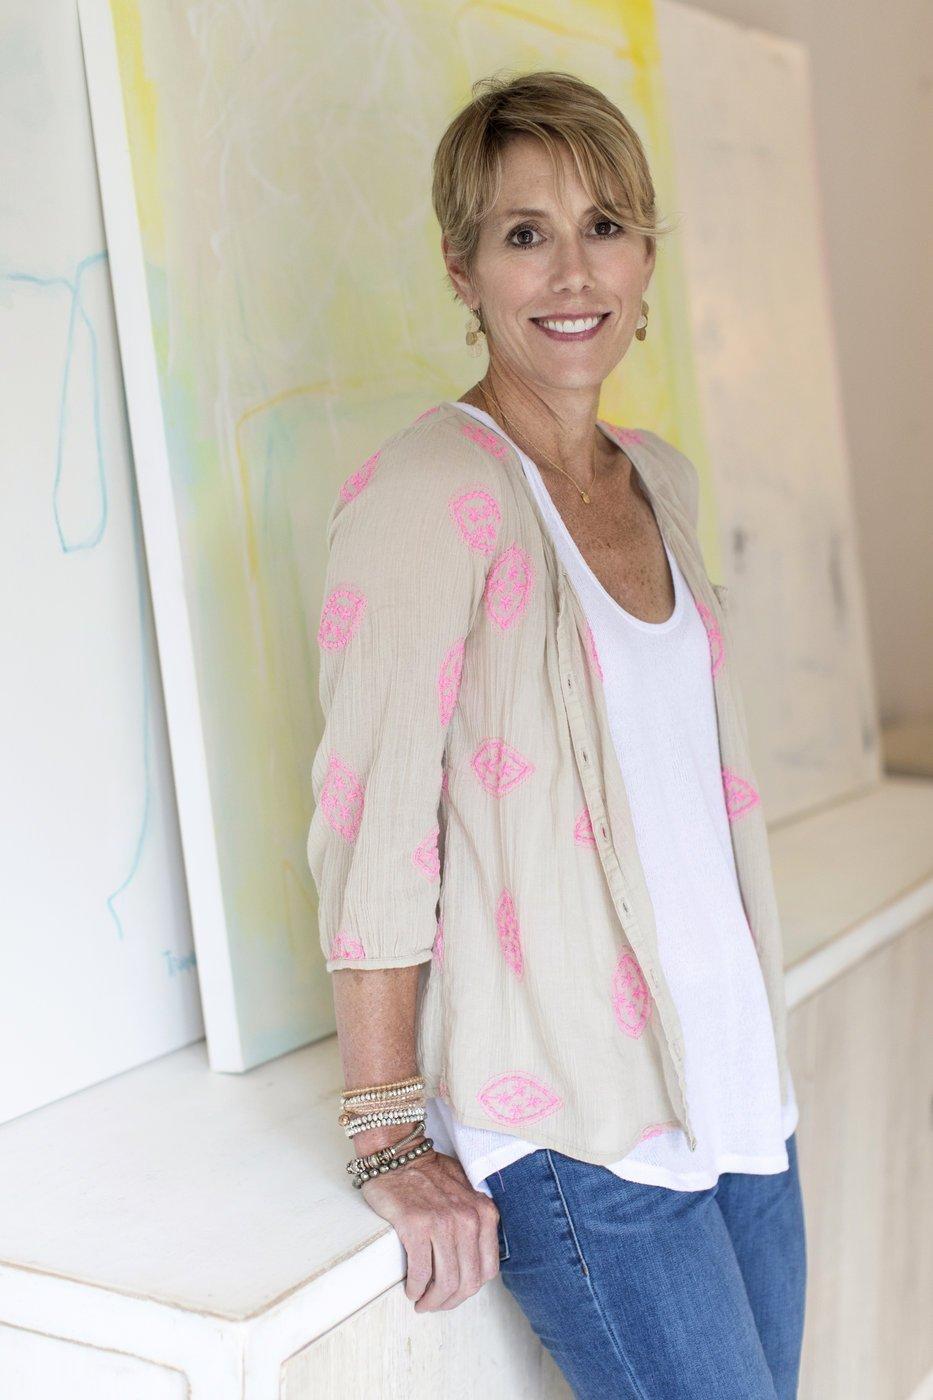 Sarah Trundle